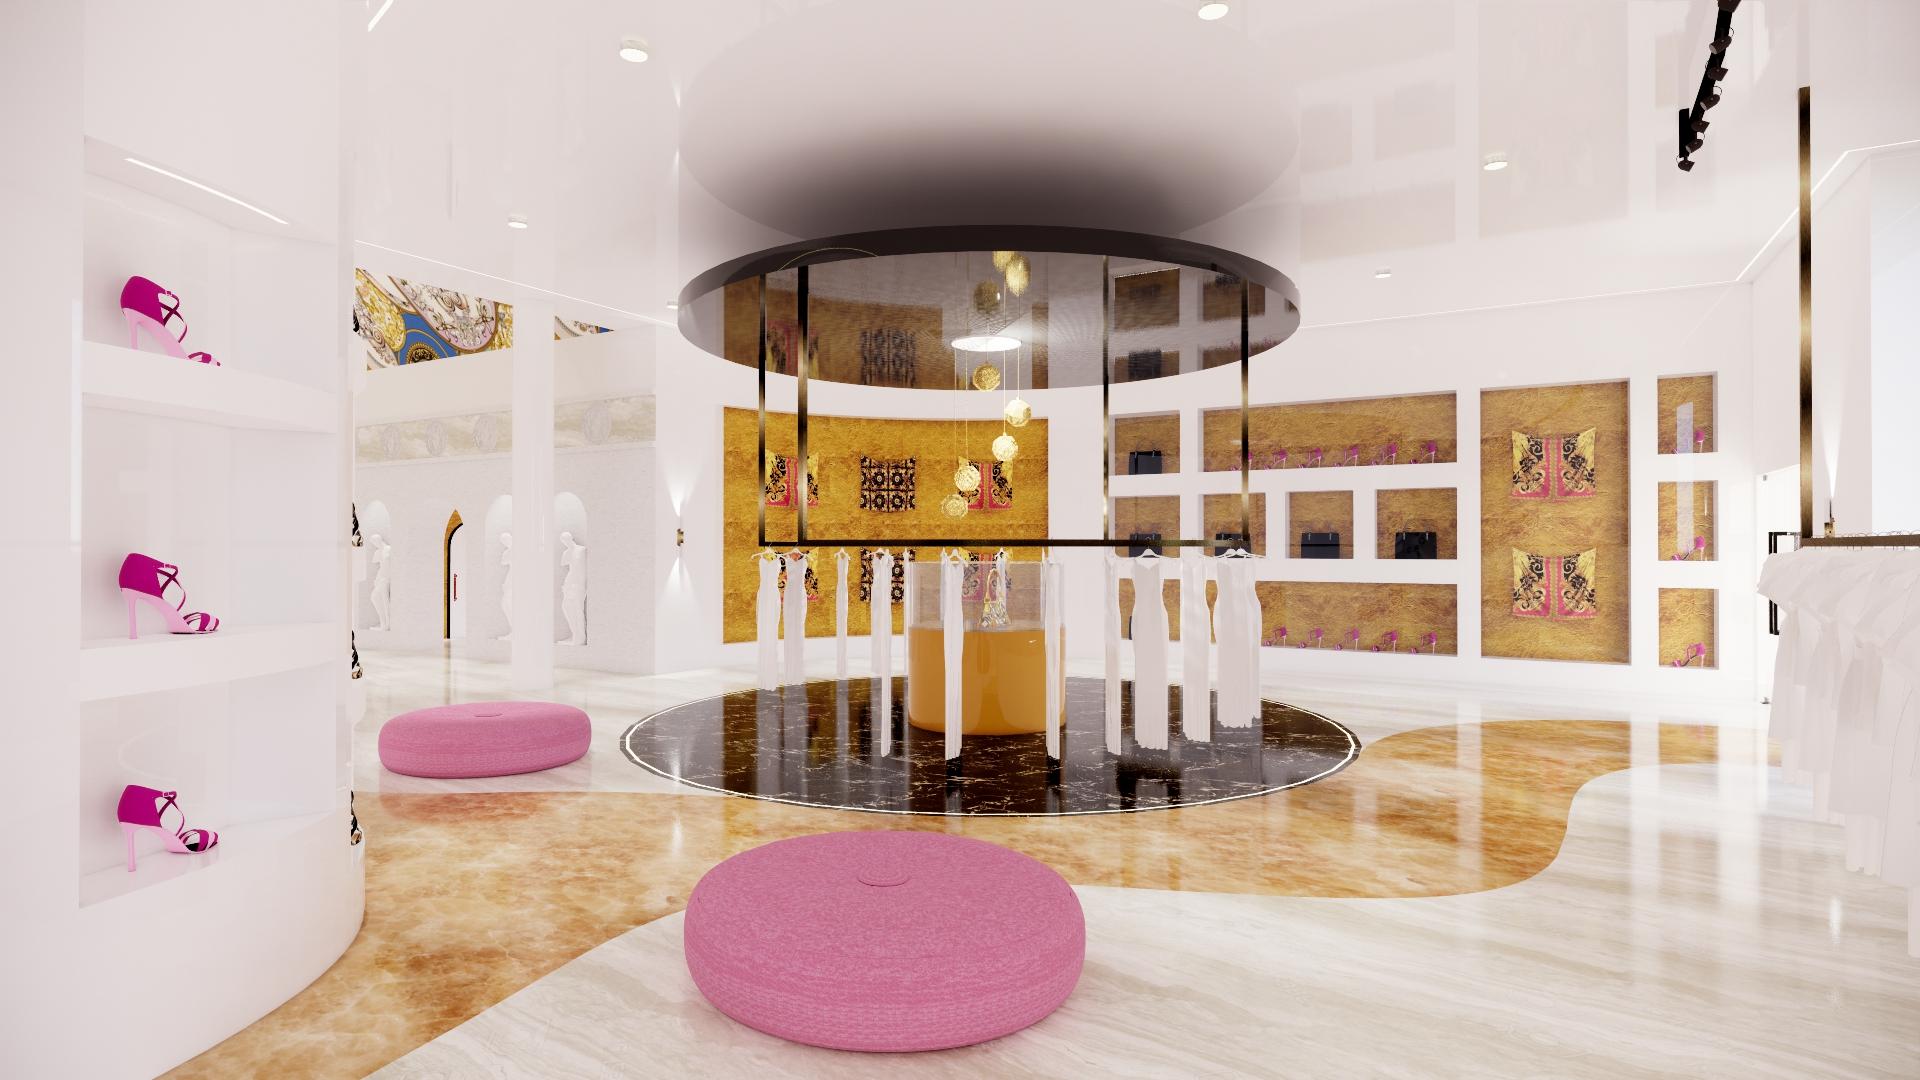 Versace Womenswear Boutique | Sheridan College<br/><i>Jessica Gordon</i>